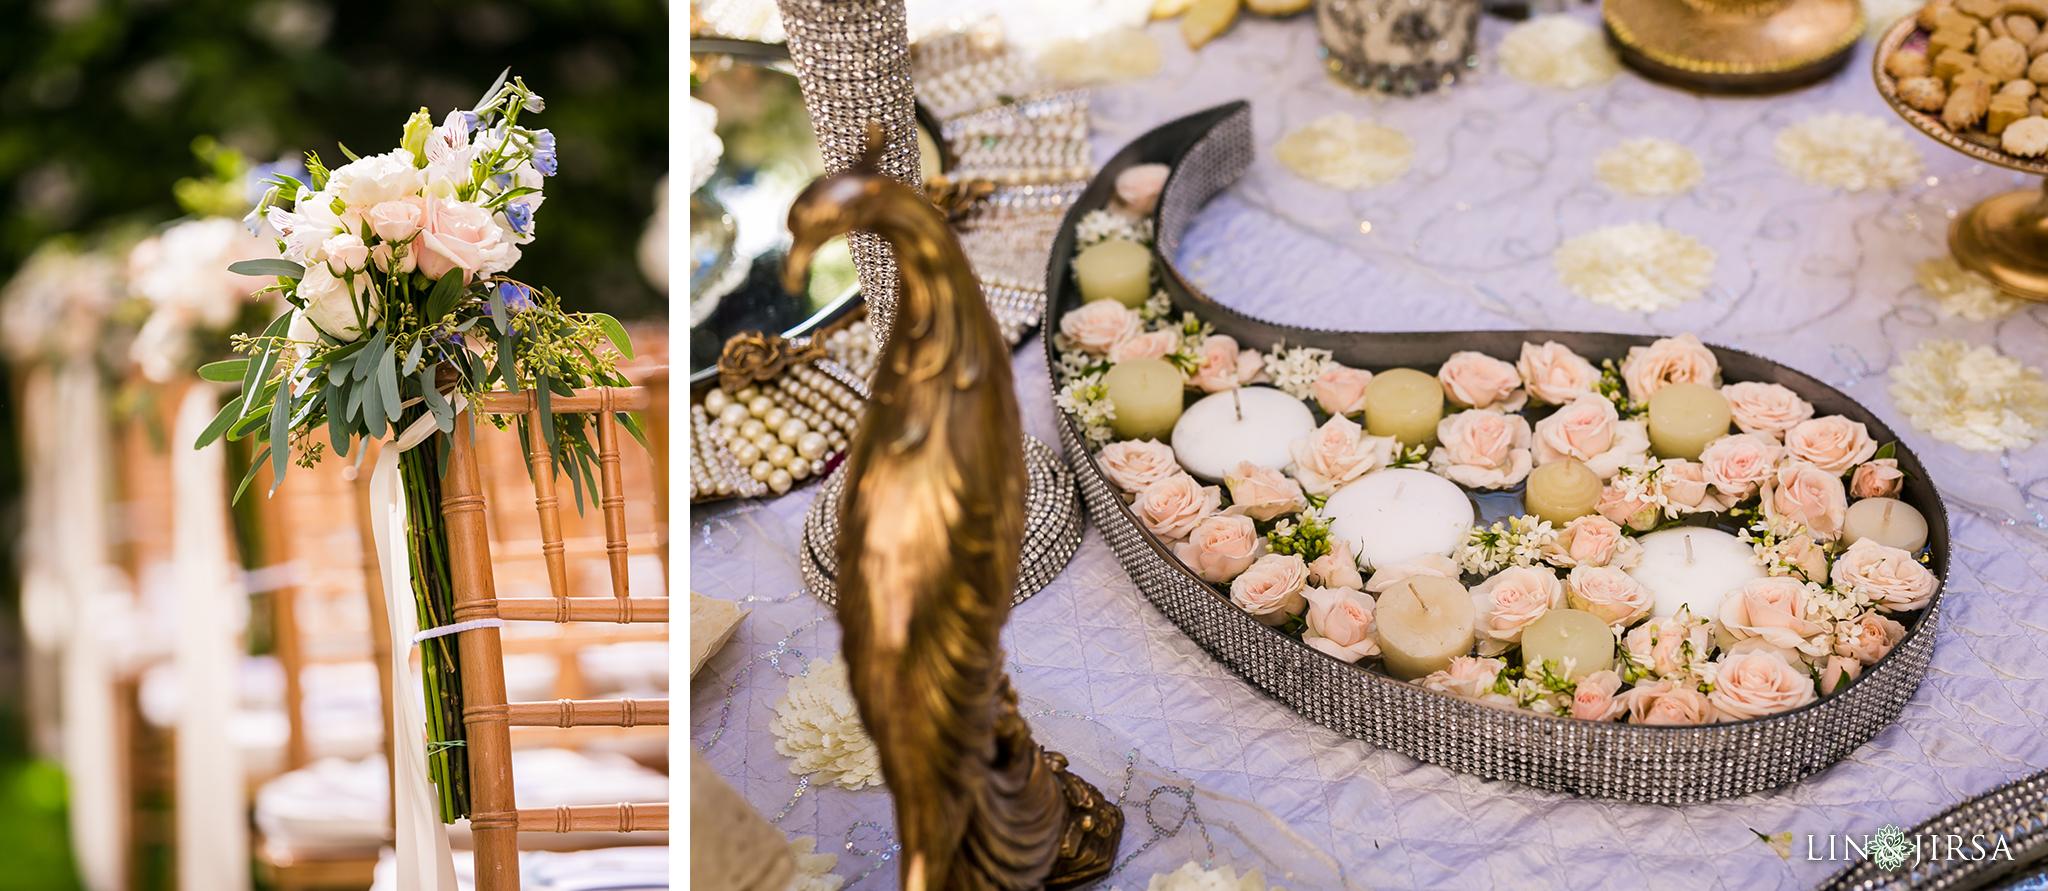 16-calamigos-equestrian-persian-wedding-photography